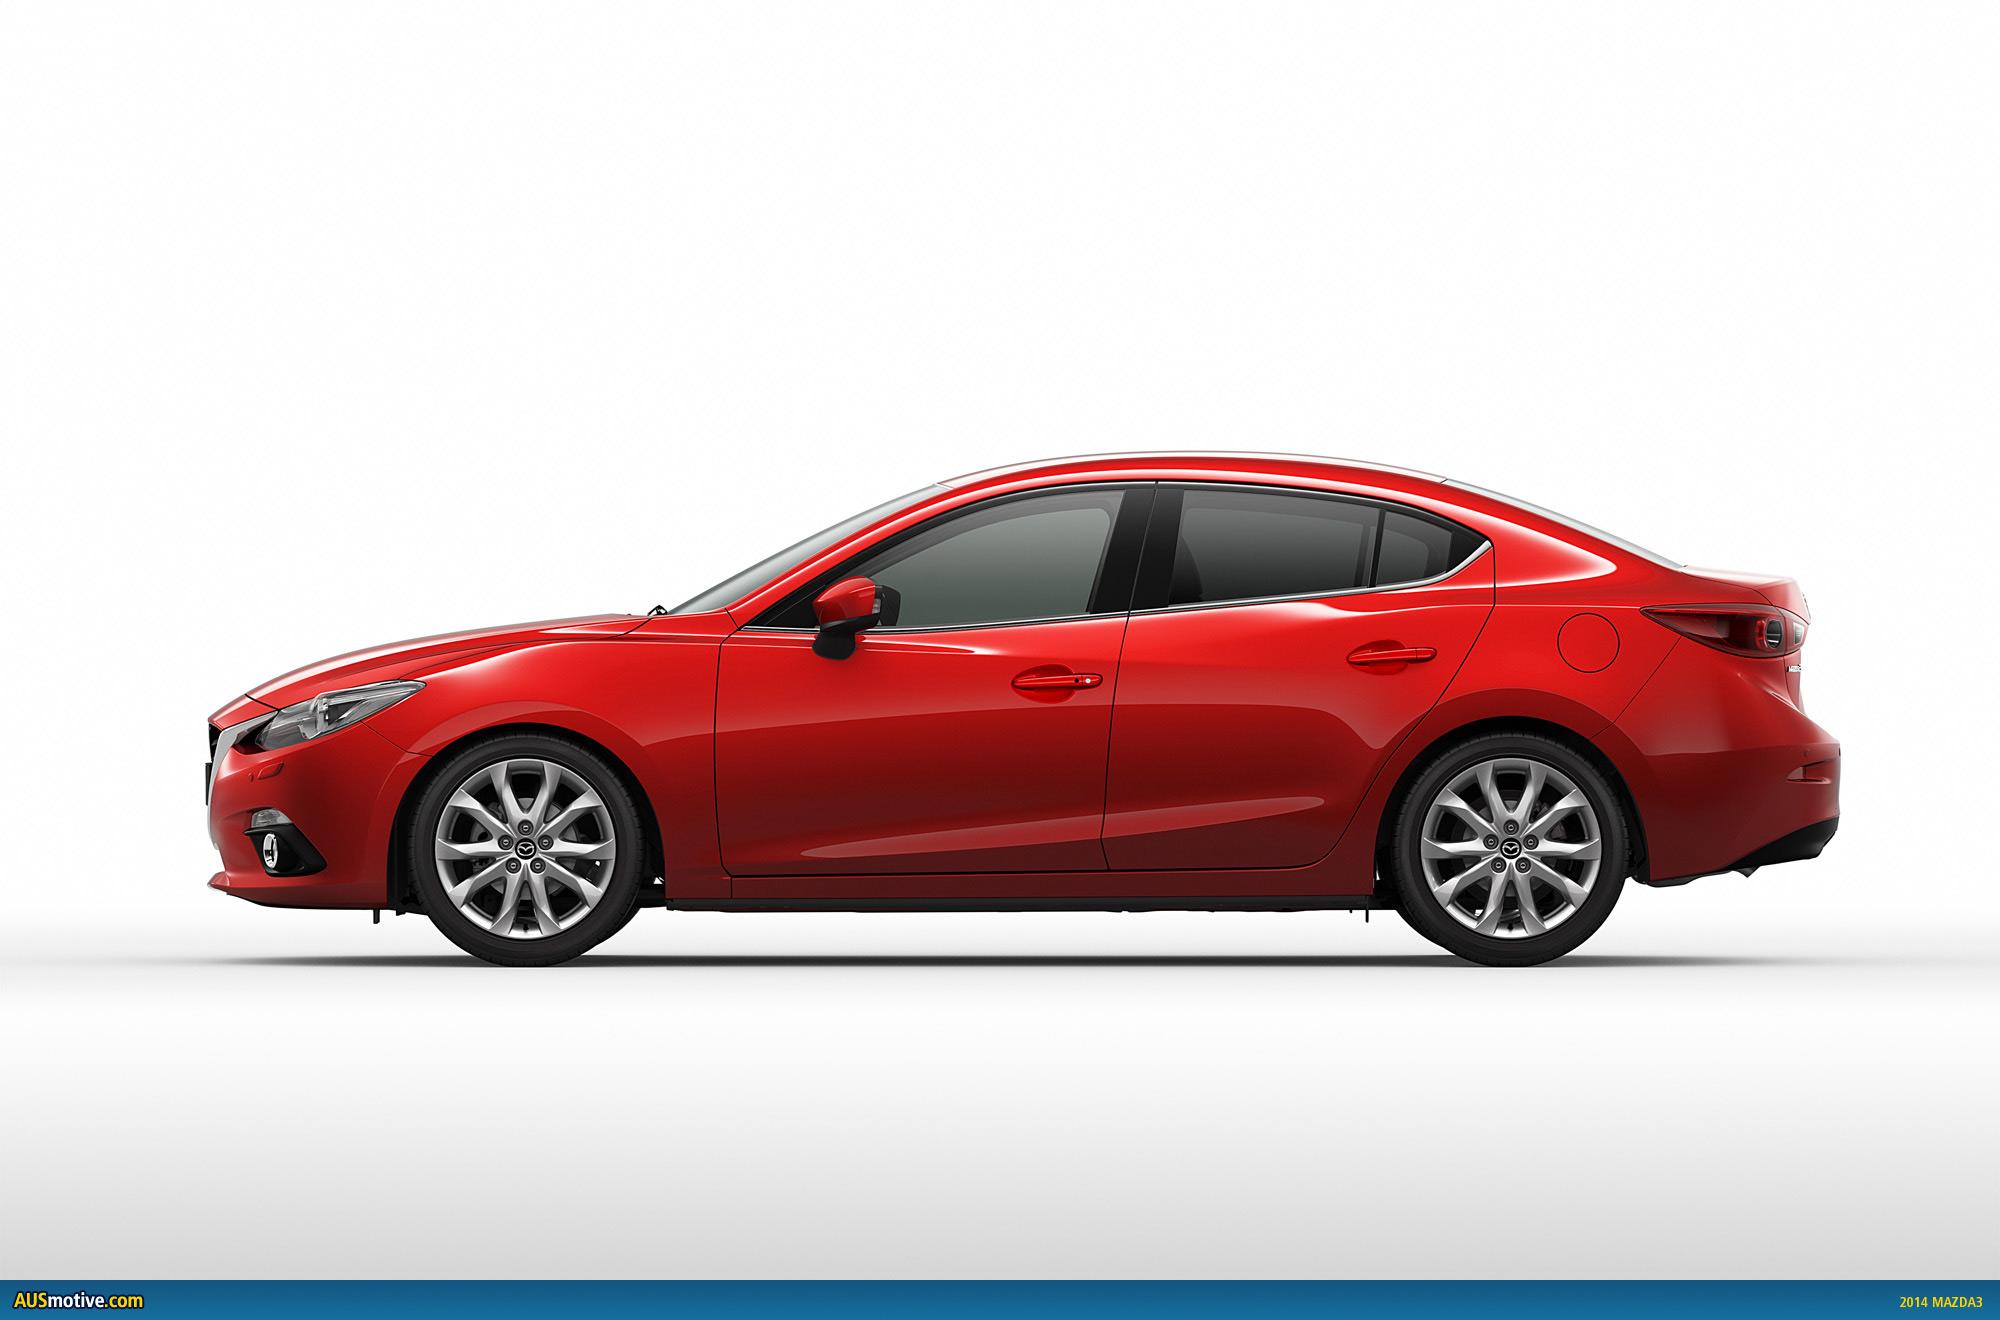 2014 Mazda3 in detail